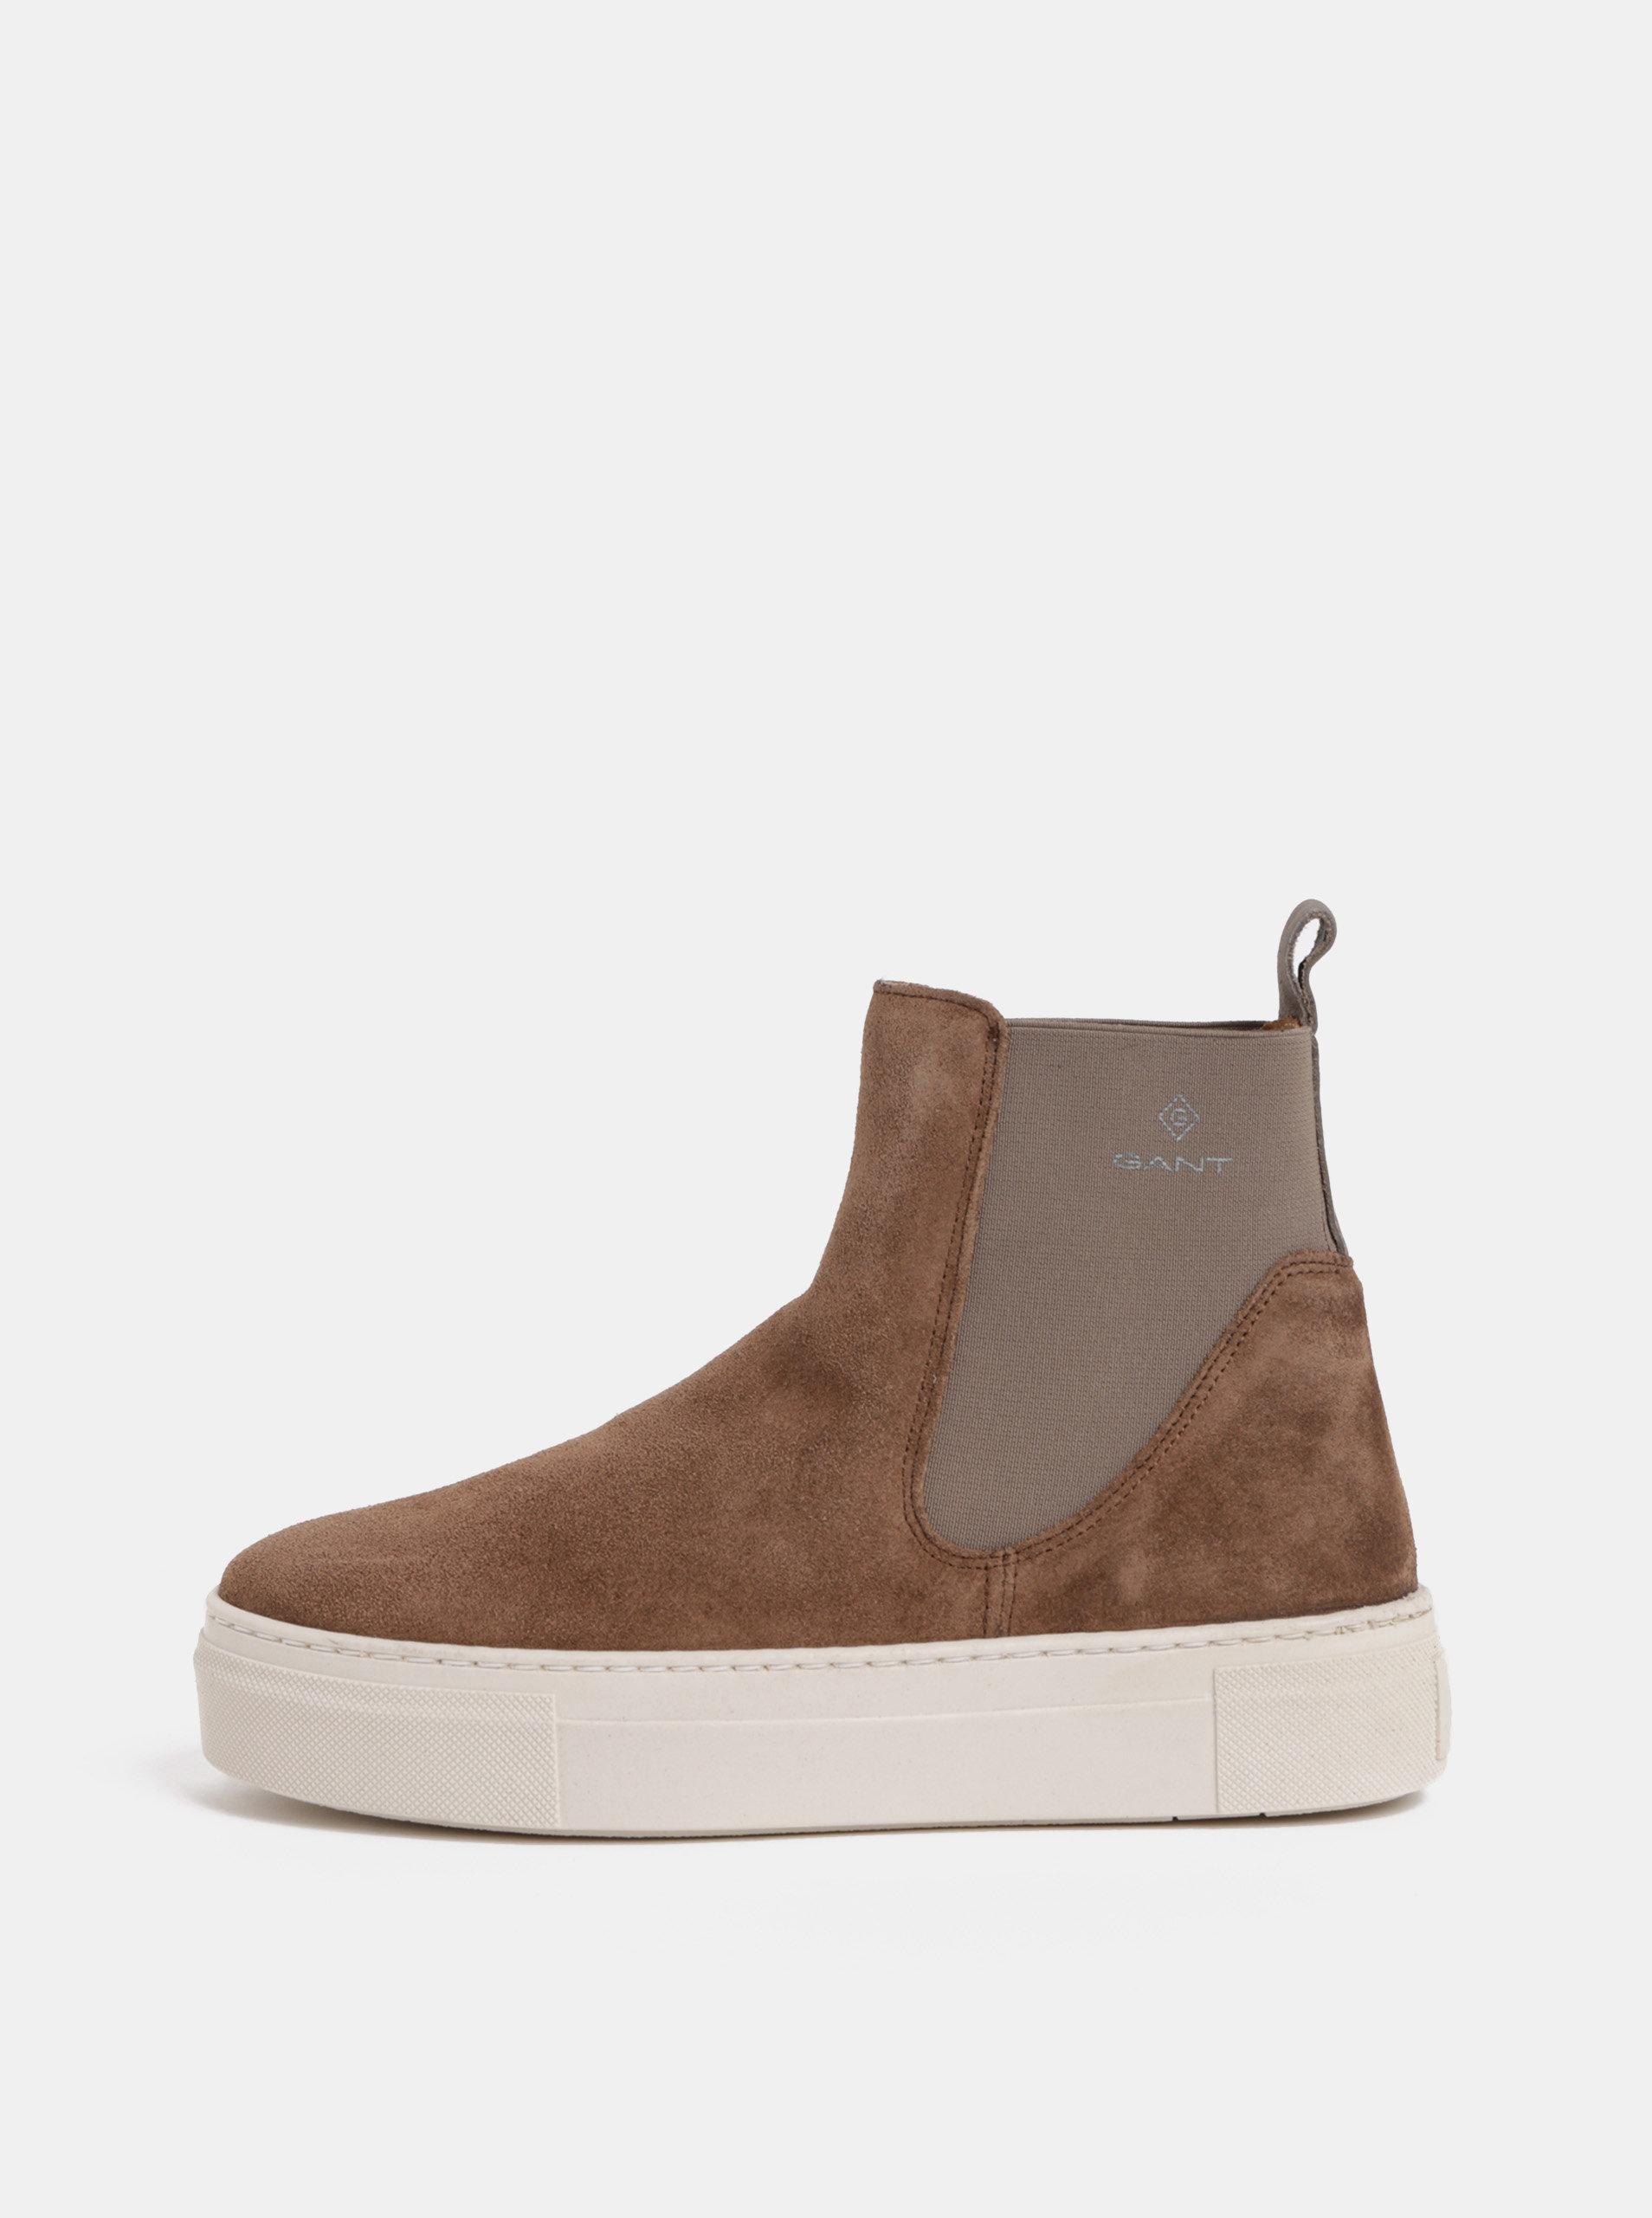 01f7f5cac7f29 Hnedé dámske semišové chelsea topánky na platforme GANT Marie   ZOOT.sk